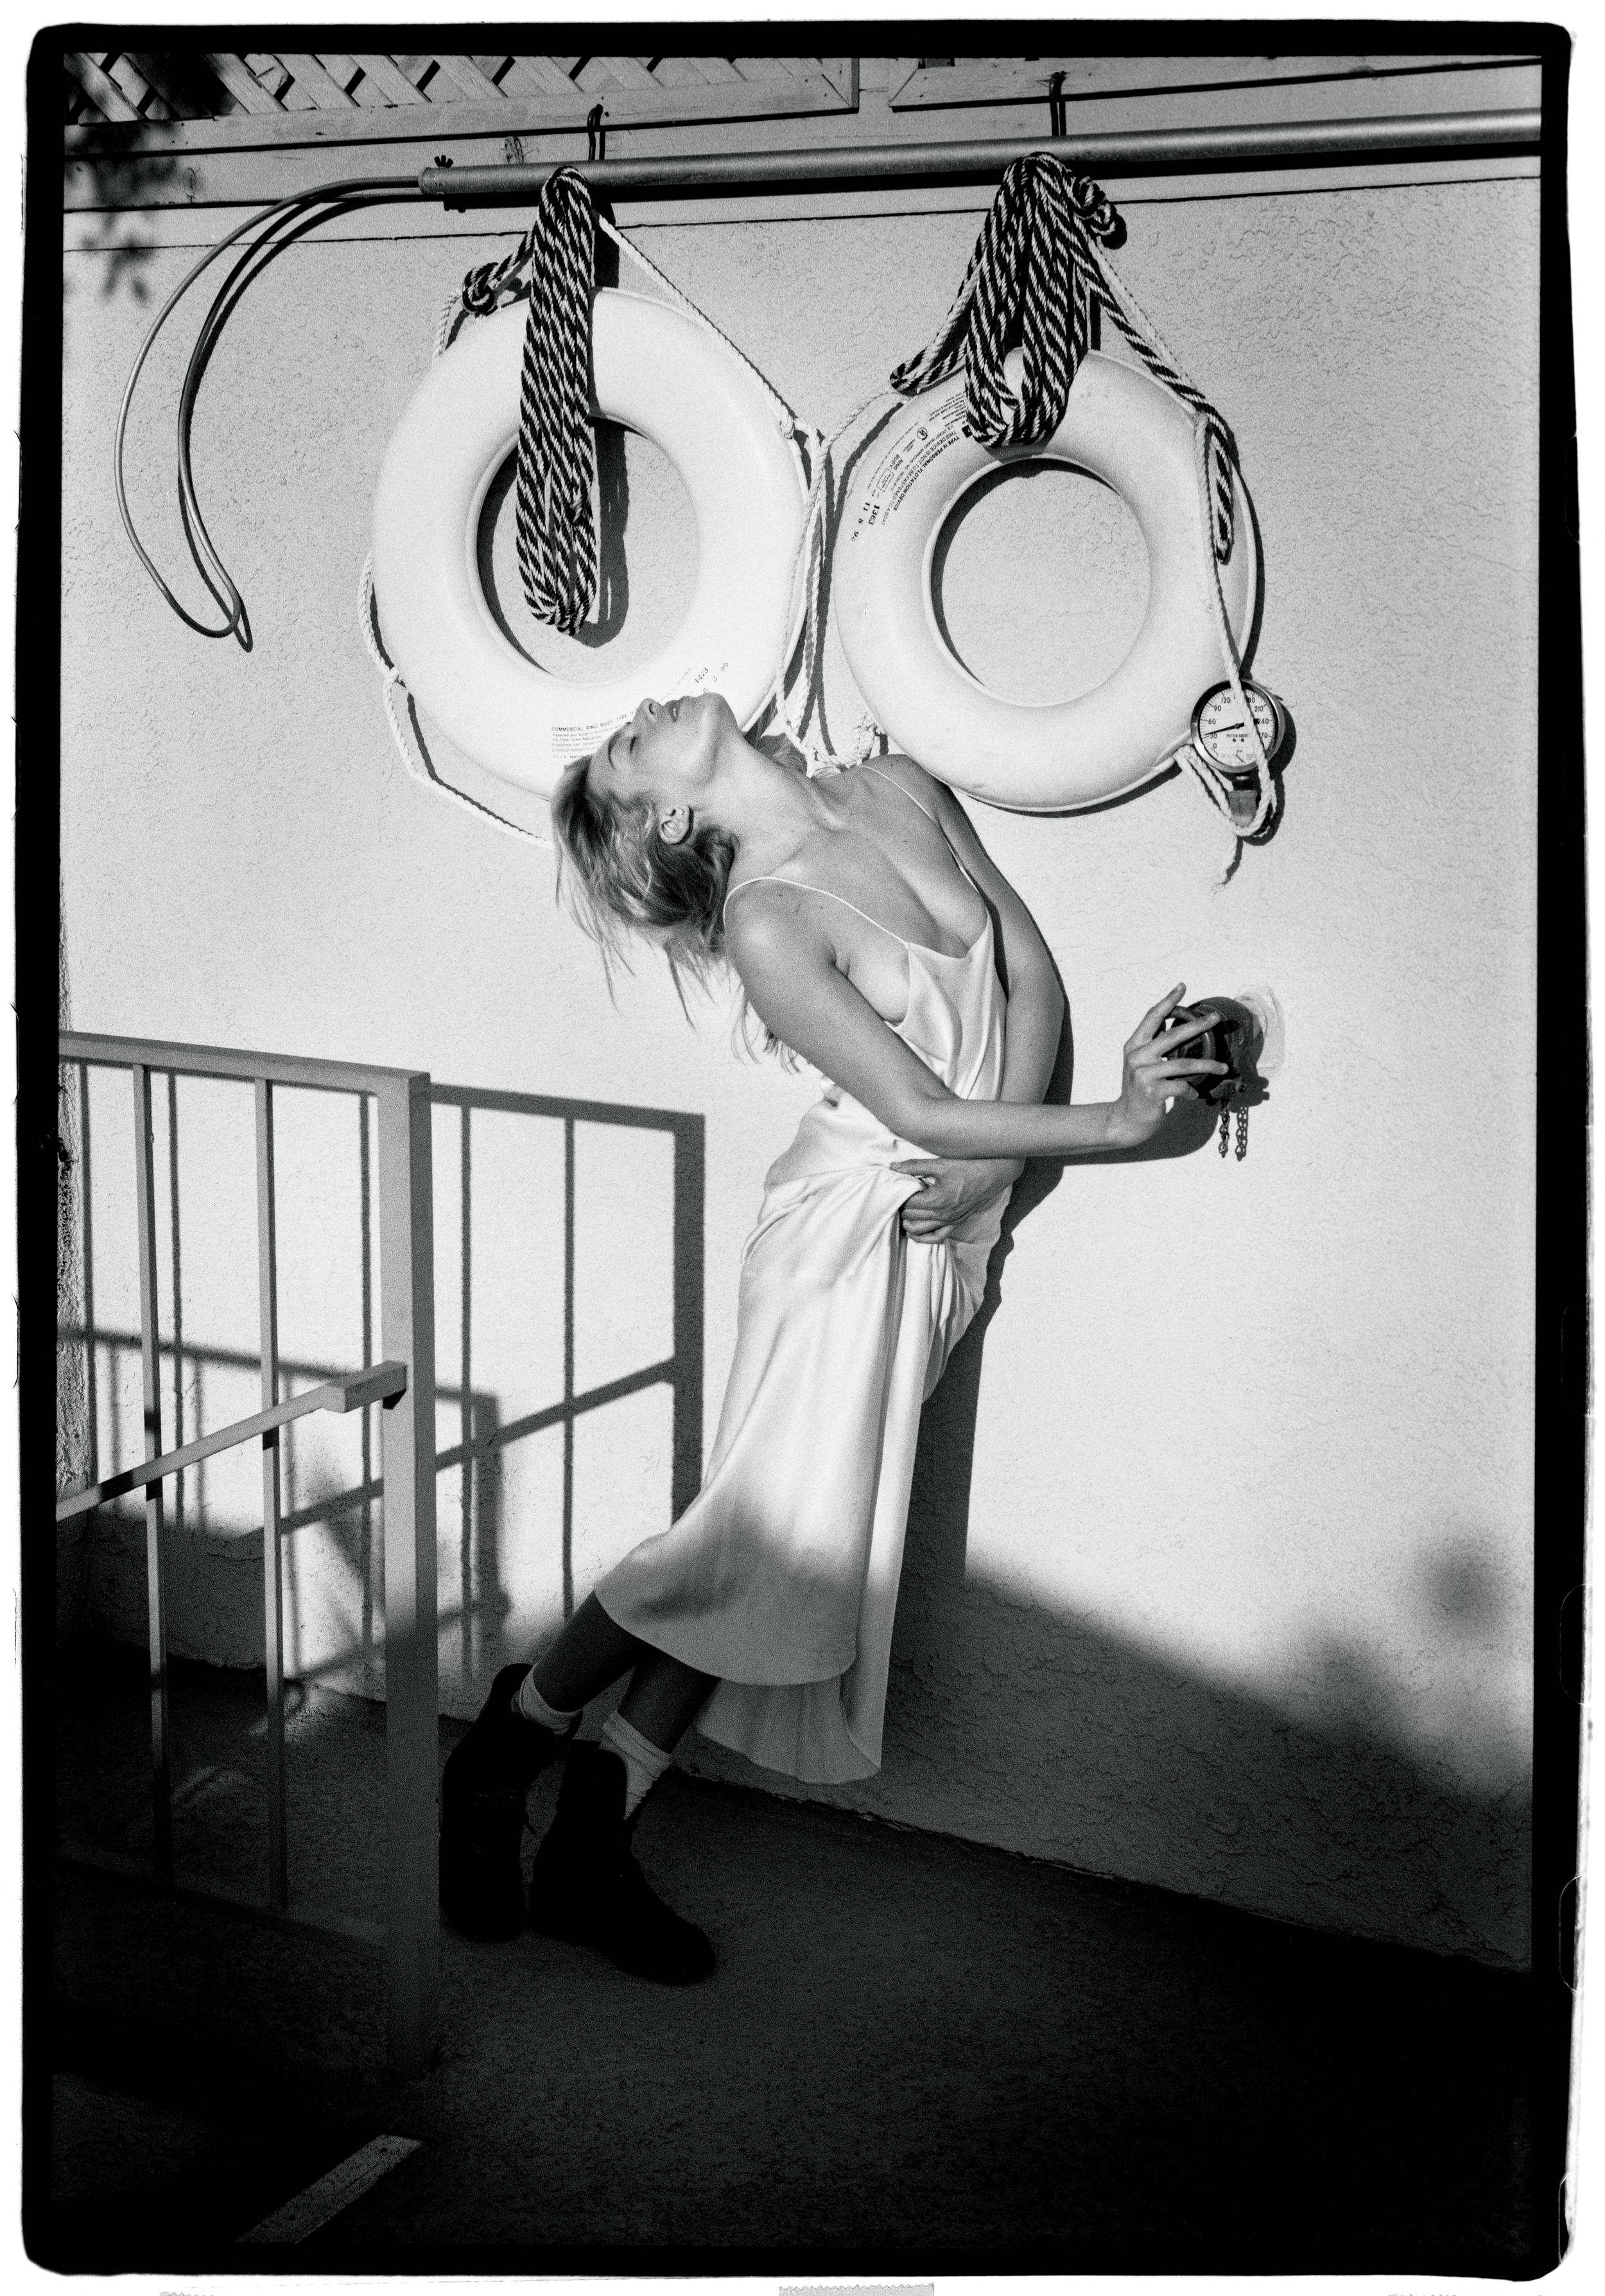 Leonora Scelfo, 1996